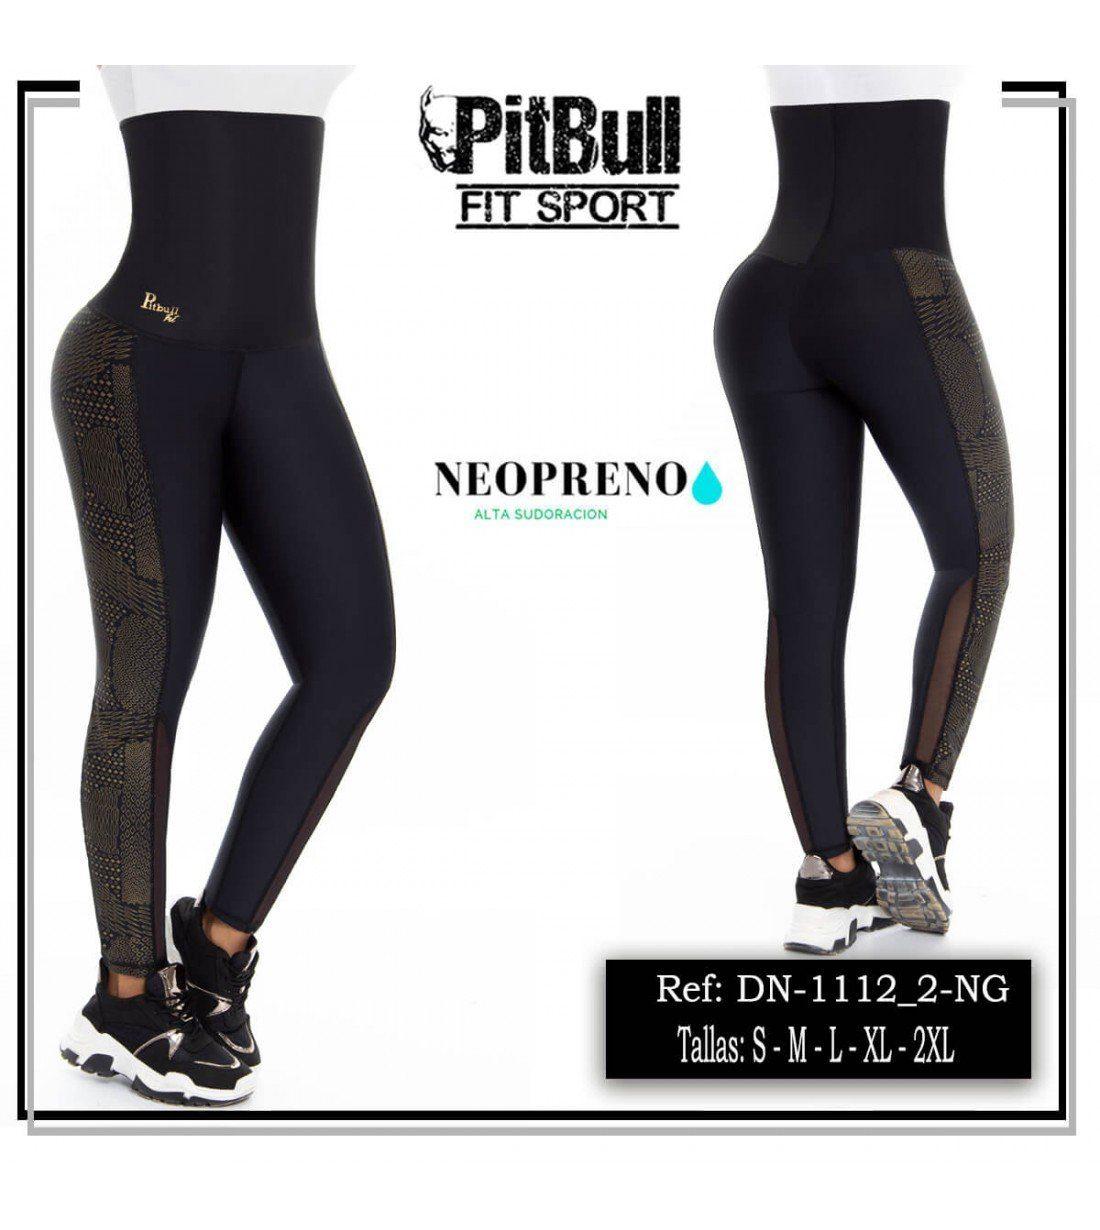 Con esta Malla Deportiva Neopreno de la marca pitbull, vas a lograr un cuerpo espectacular, quemar grasa abdominal, realza tus glúteos, reafirma tus piernas y disminuye la celulitis.